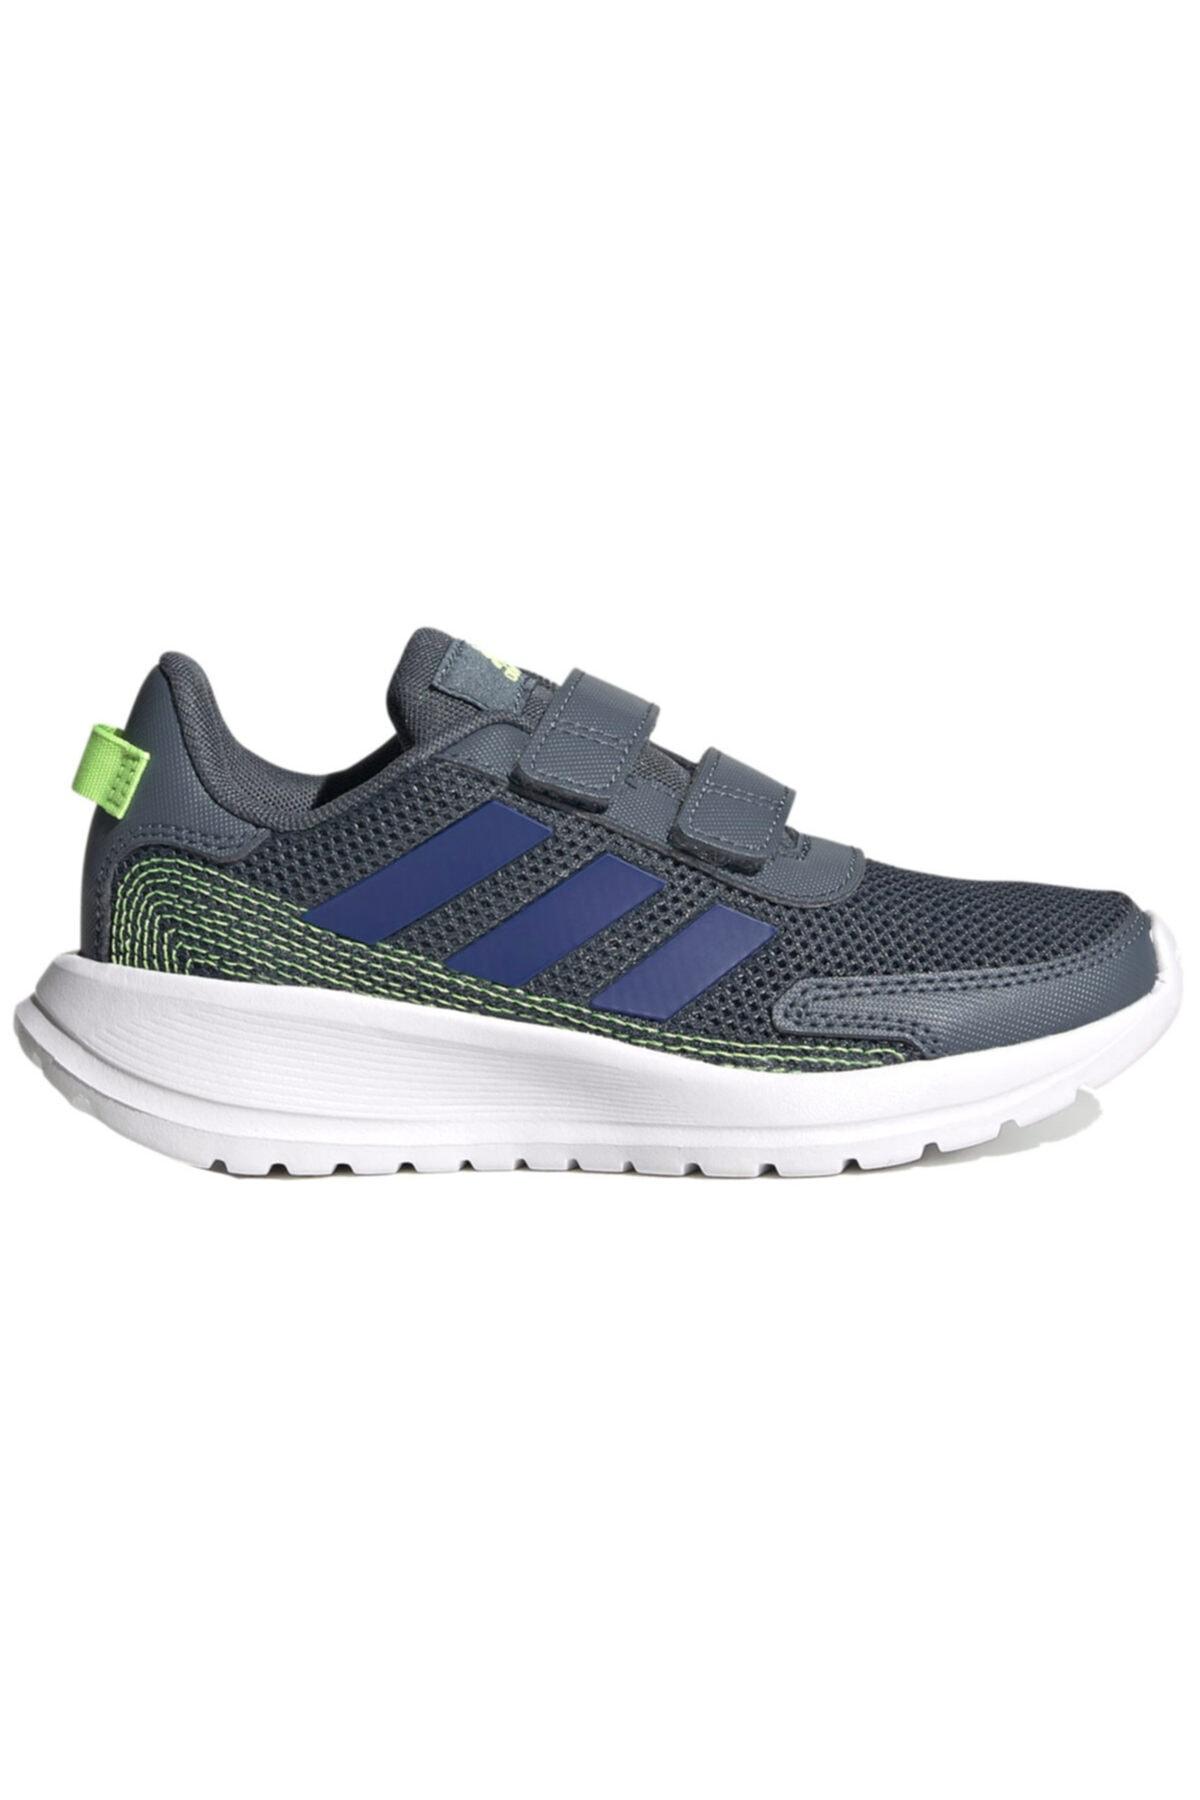 adidas TENSAUR RUN C Gri Erkek Çocuk Koşu Ayakkabısı 100663742 1